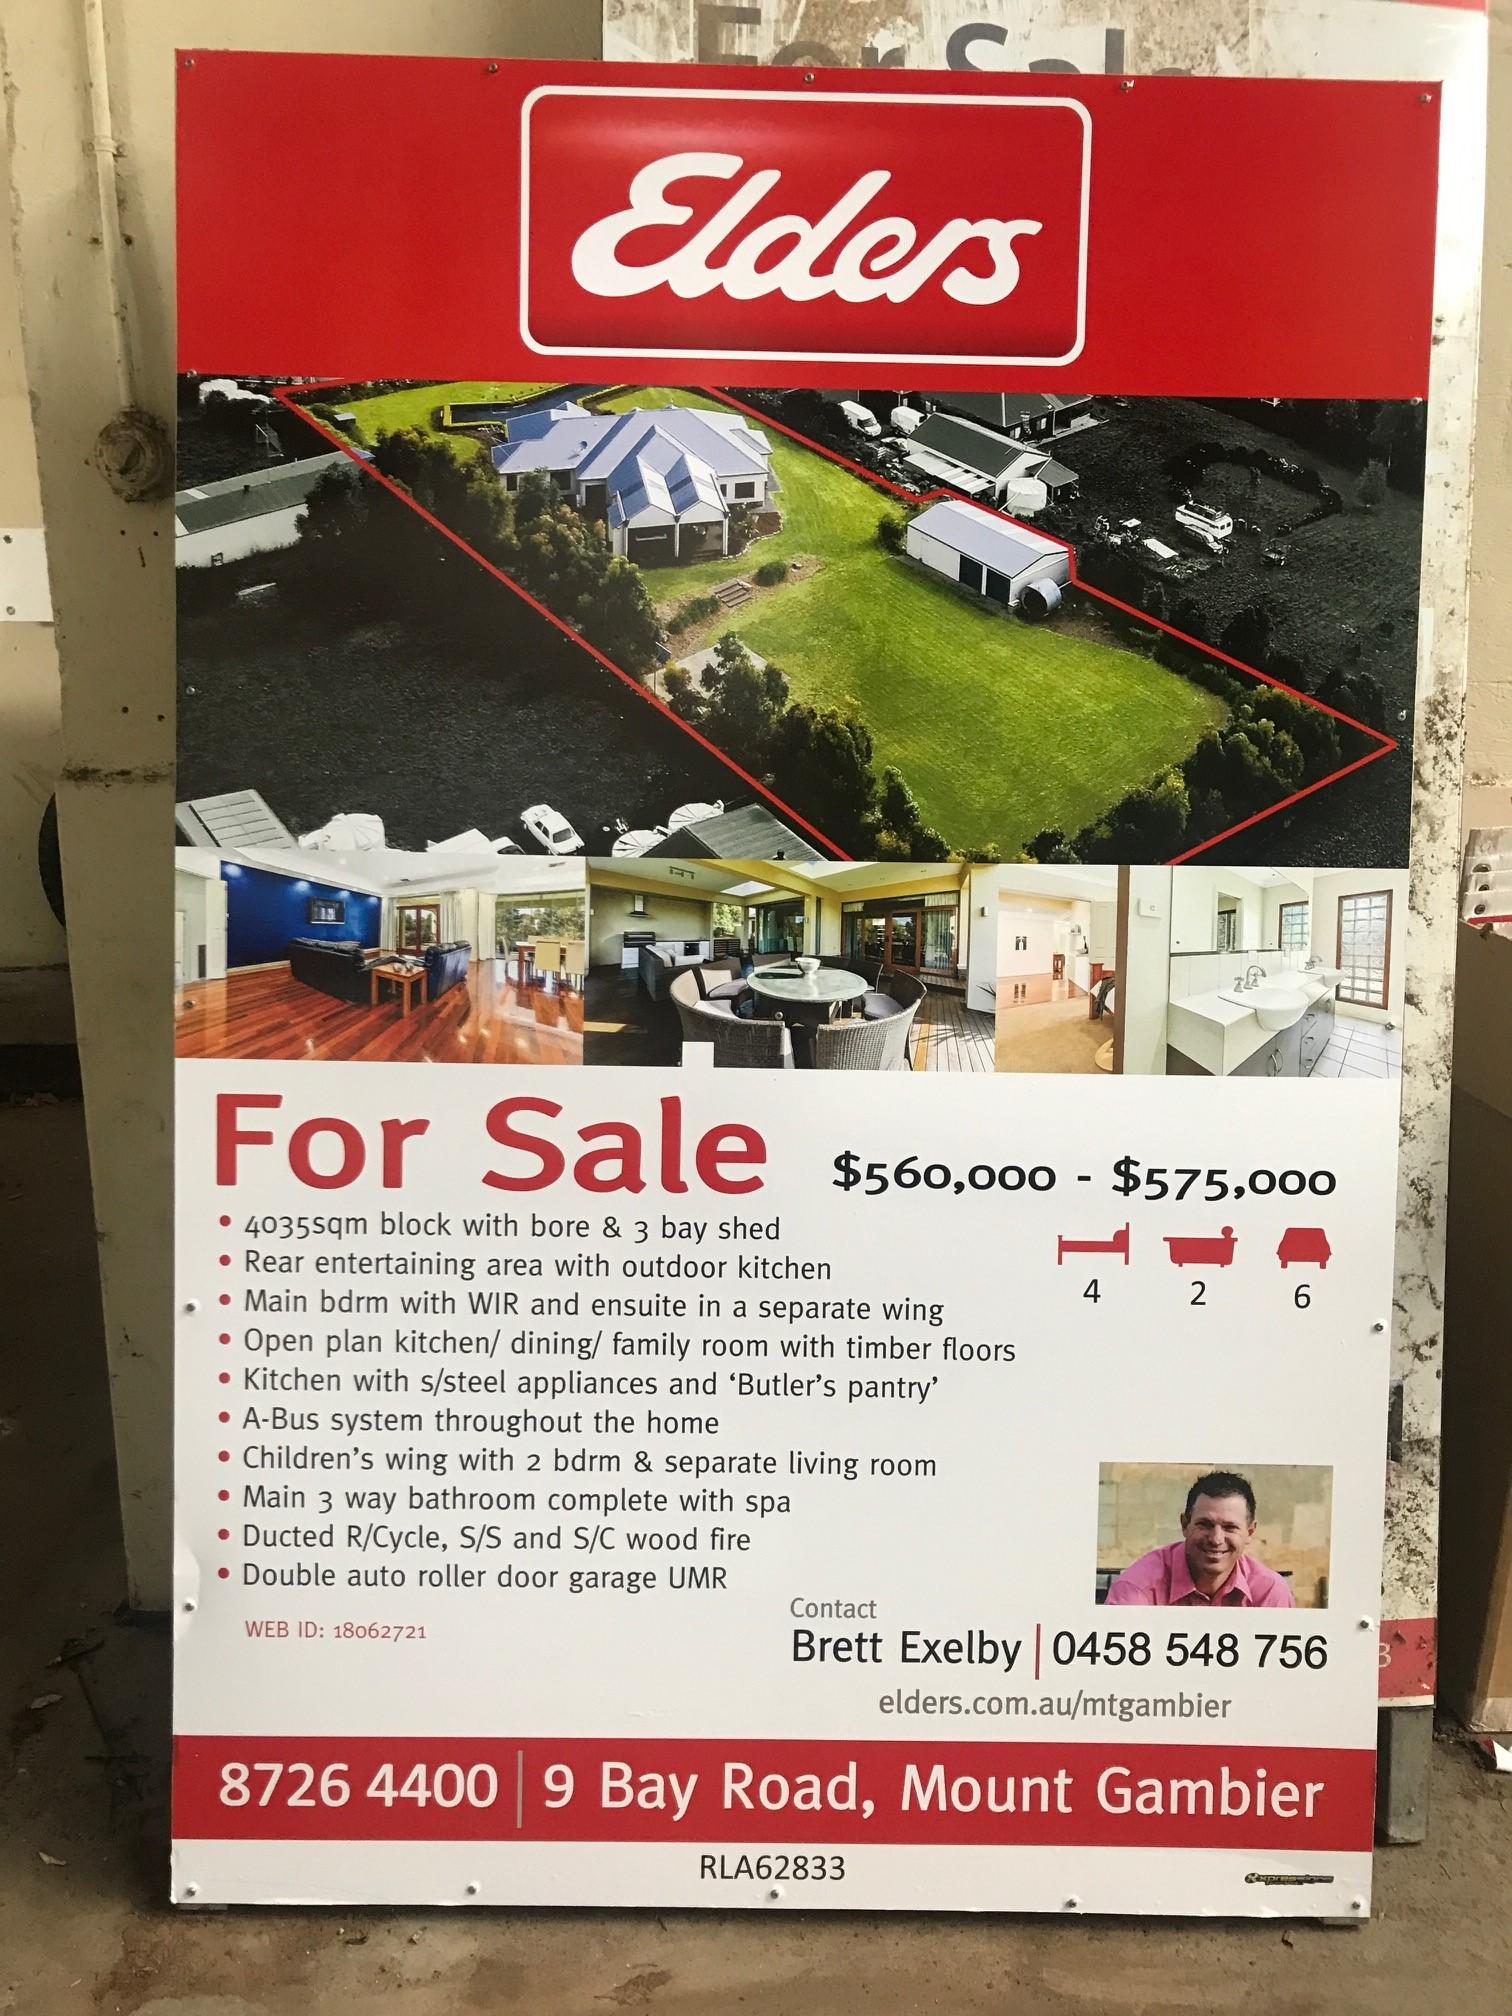 Elders Real Estate For Sale Sign